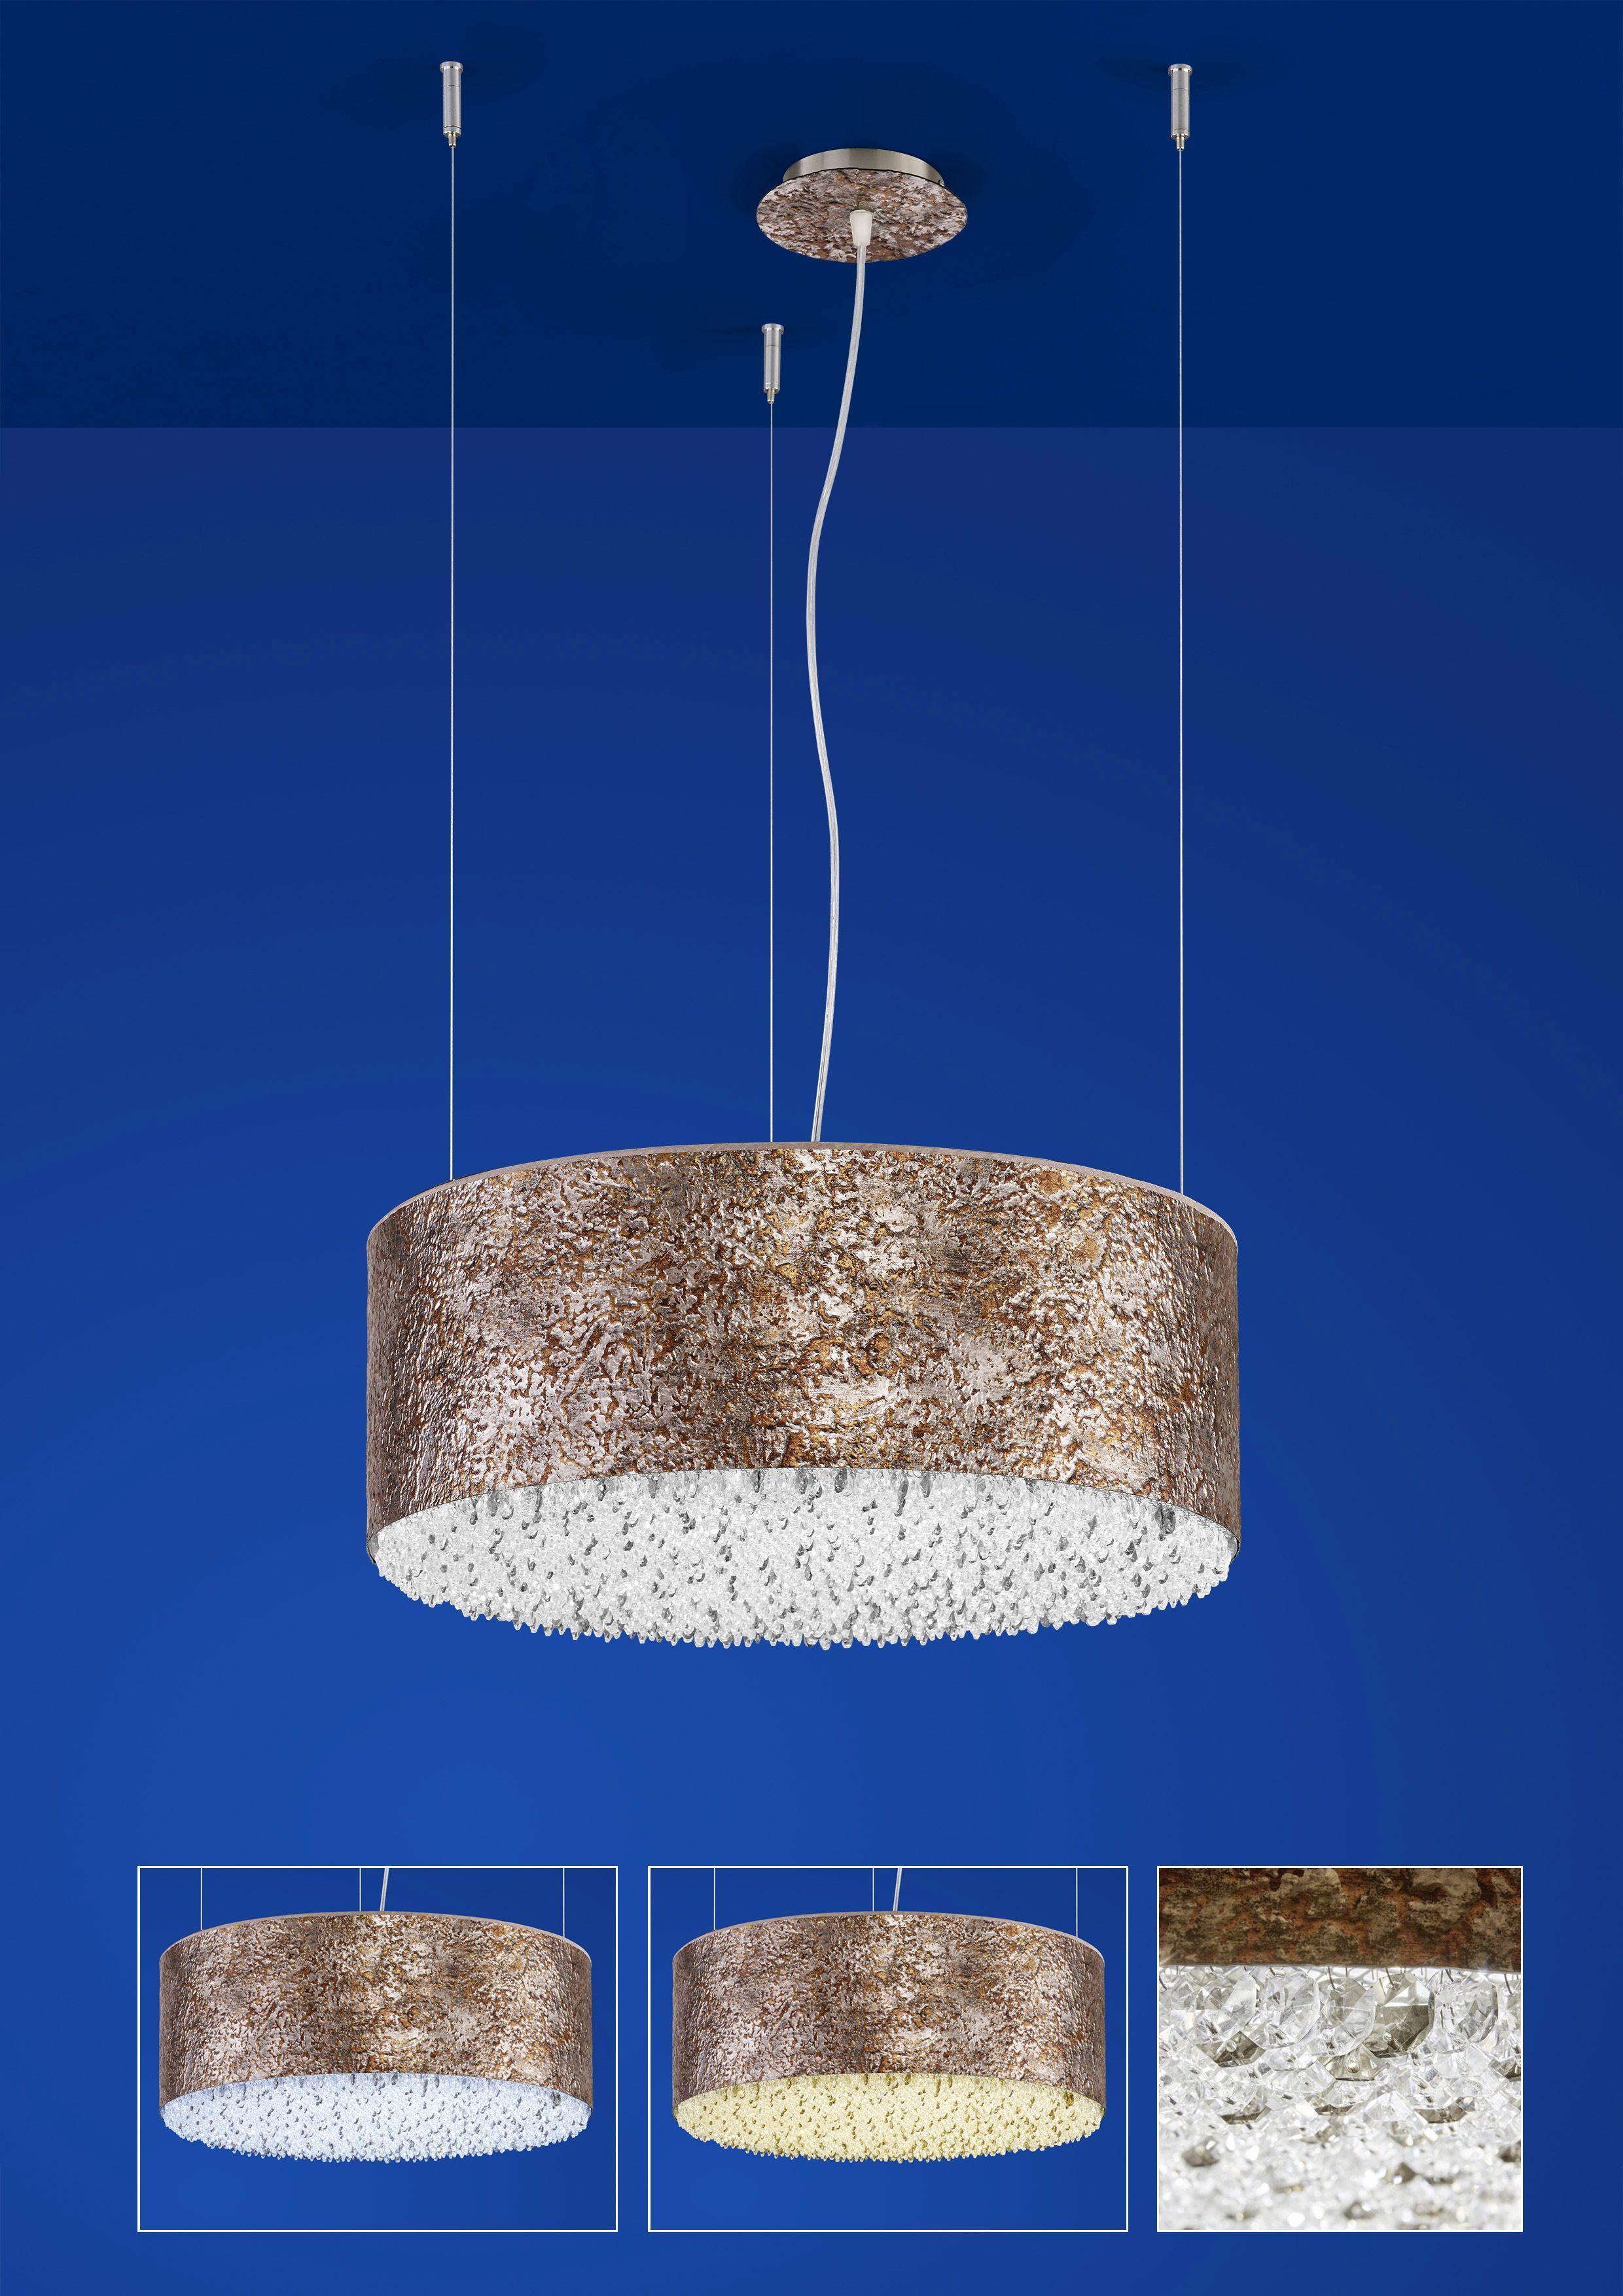 Ungewöhnlich Fashionable Idea Deckenlampe Bad Ideen - Heimat Ideen ...